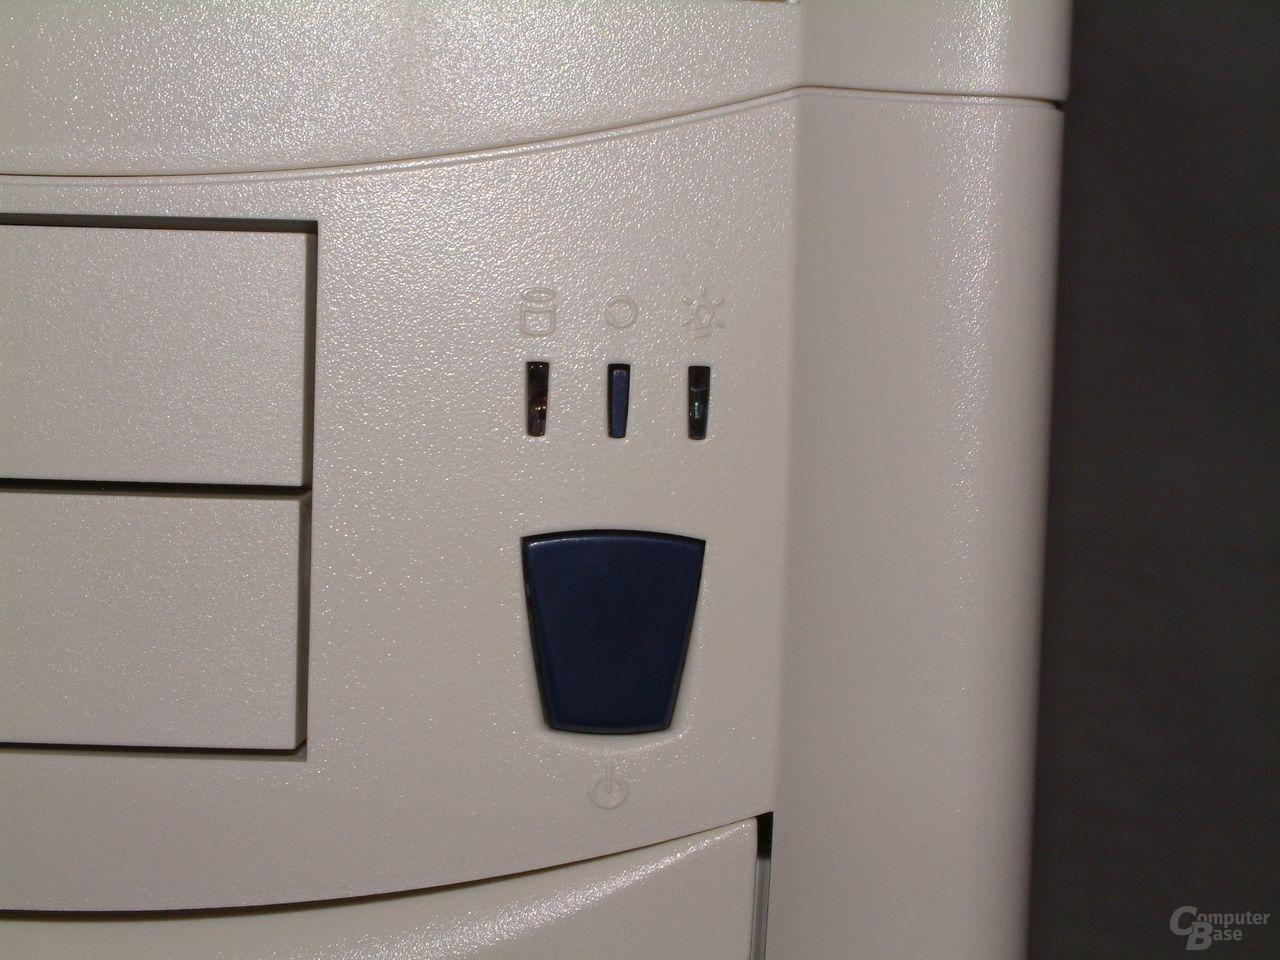 Power-Schalter und LEDs